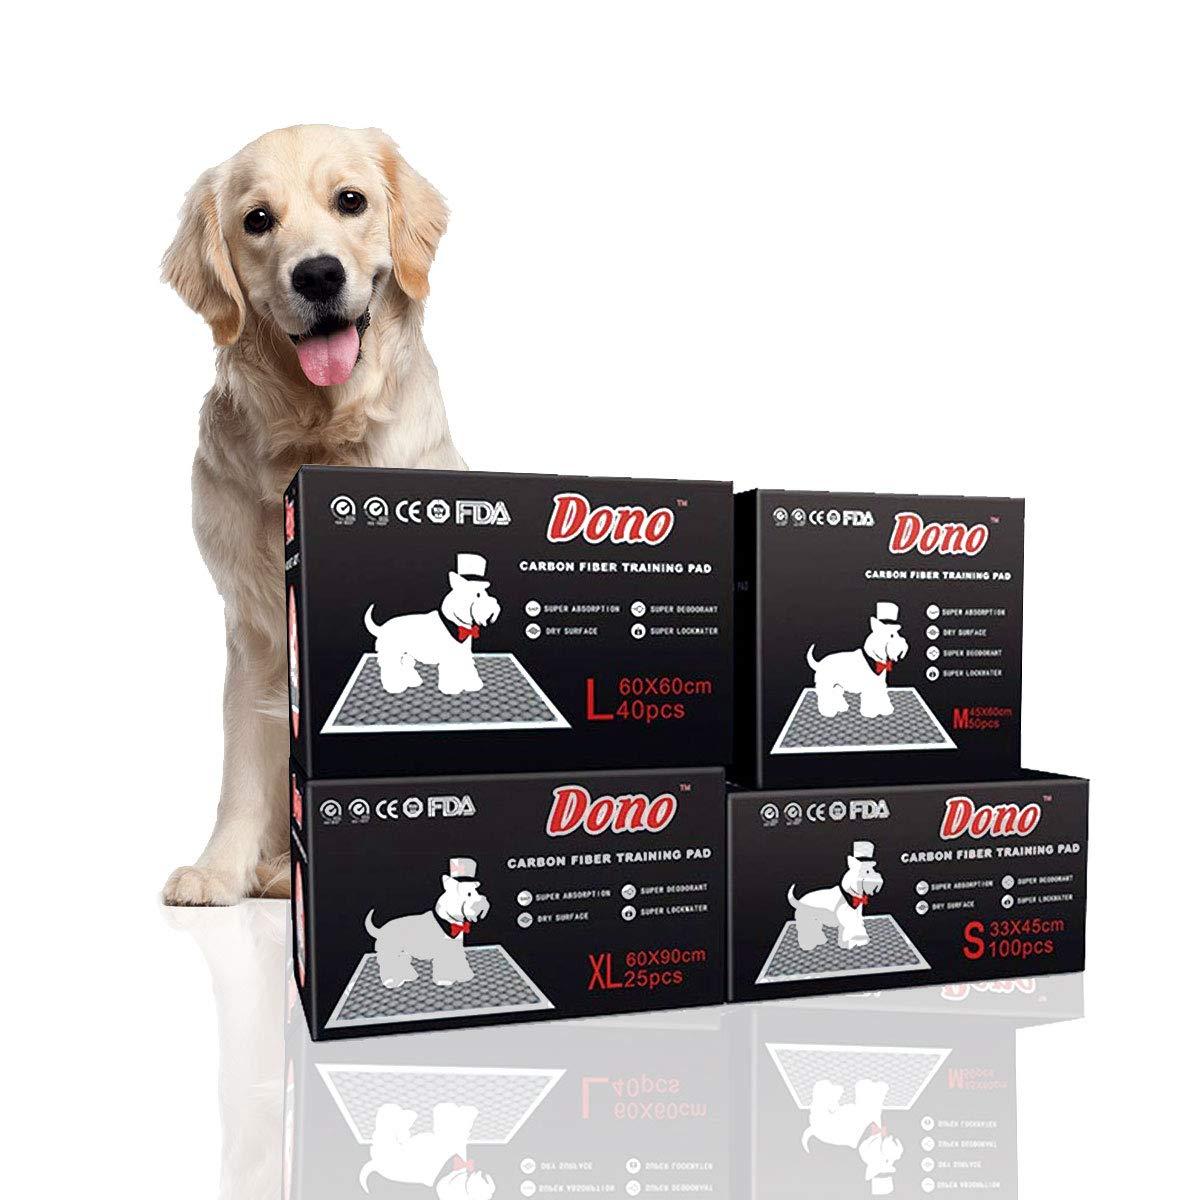 DONO pour Animal Domestique d'entraînement Carbone Puppy Coussinets jetables Dog Coussinets Coussinets D'entrainement Super Absorbant Toilettes Désodorisant 4Tailles Yiwu Honghe